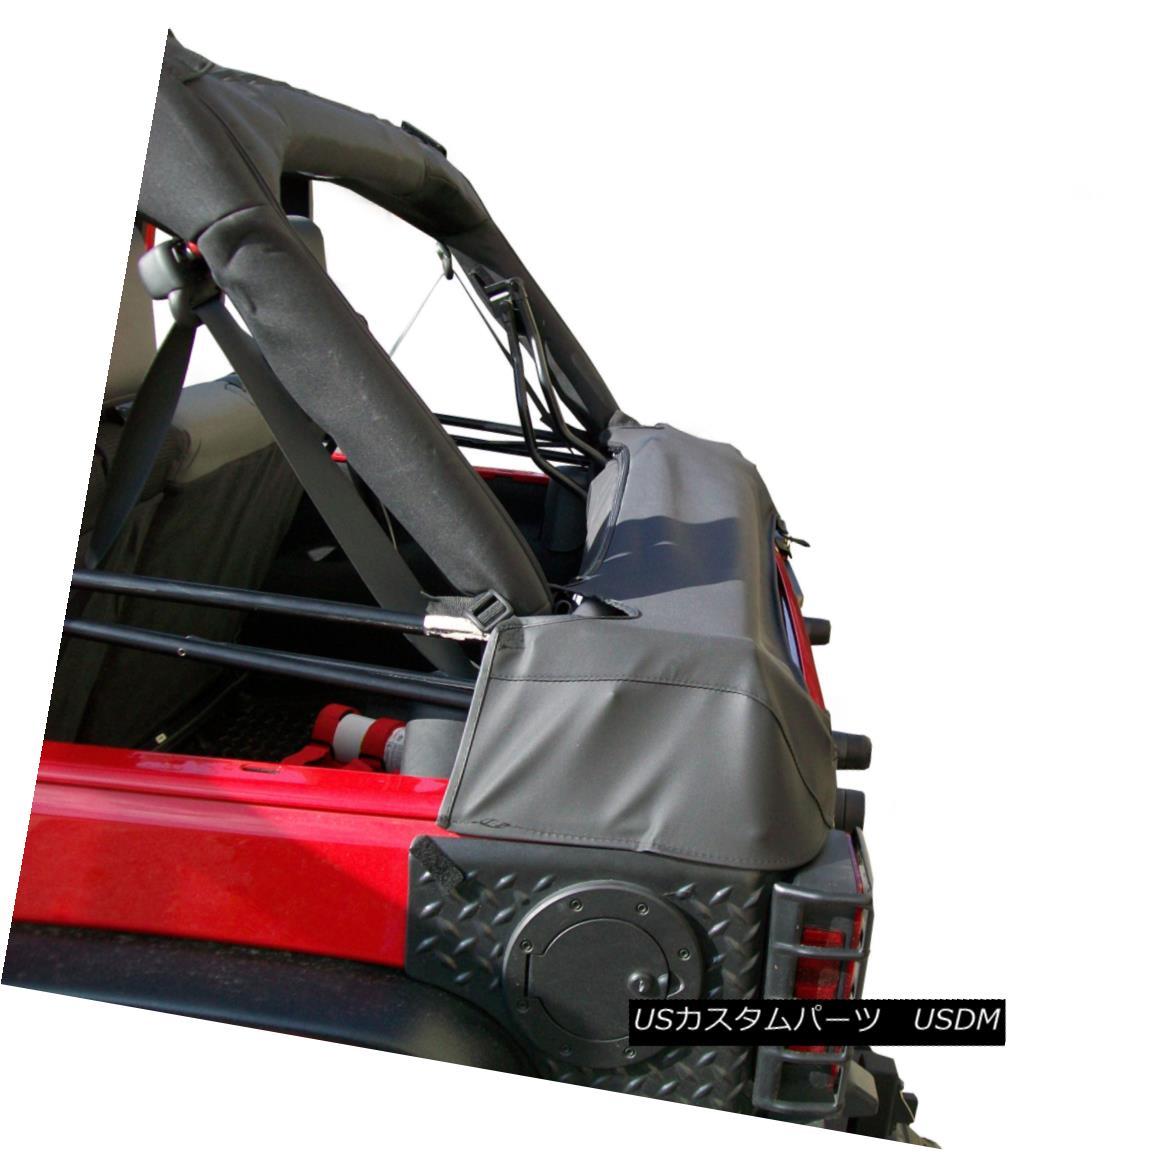 幌・ソフトトップ Soft Top Storage Boot, Black Diamond, 2-Door; 07-18 Jeep Wrangler JK ソフトトップストレージブーツ、ブラックダイヤモンド、2ドア; 07-18ジープラングラーJK